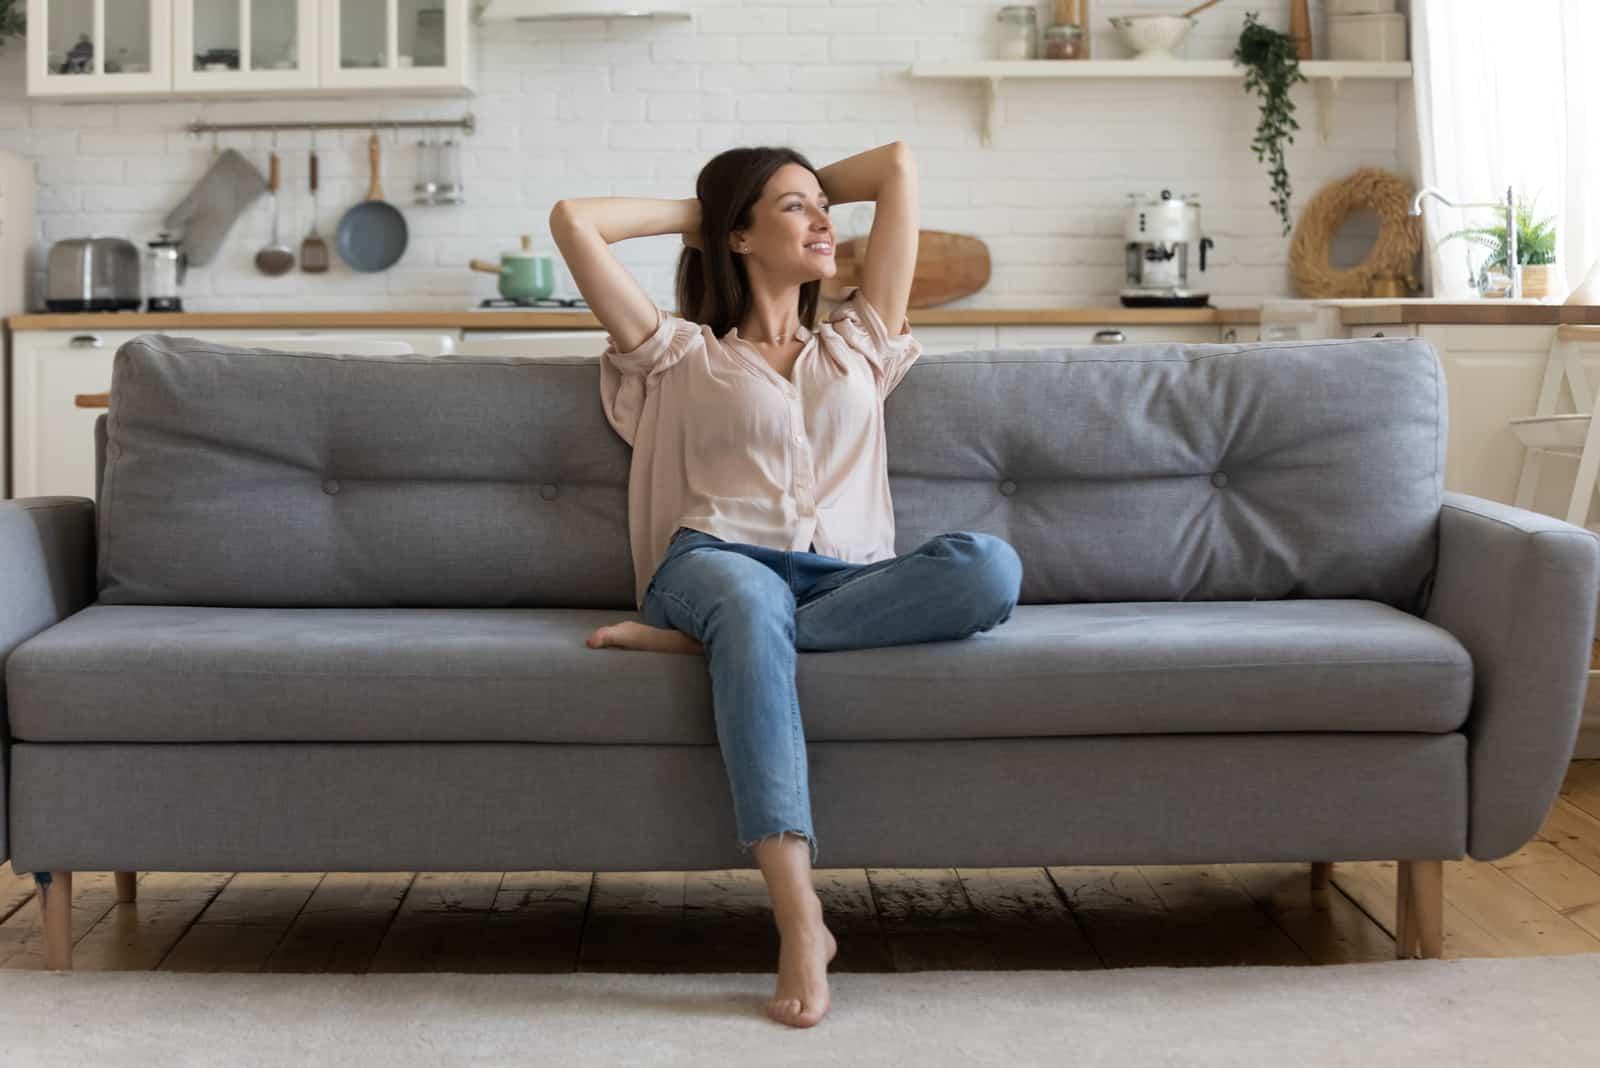 la femme s'assoit sur le canapé et rit